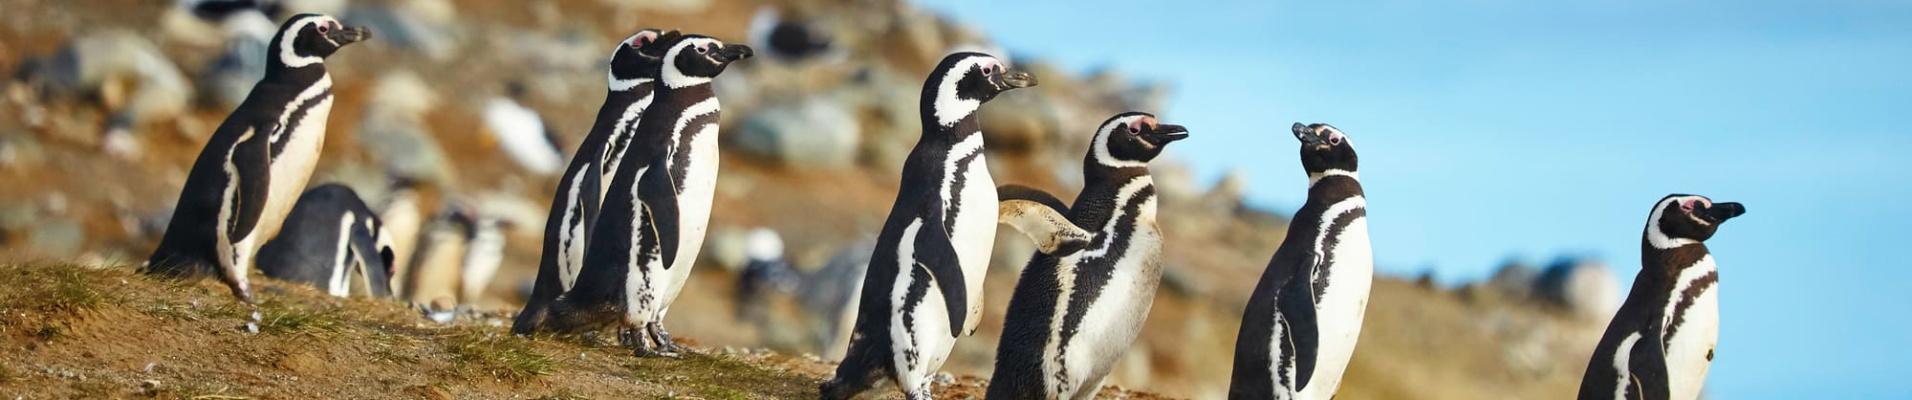 Manchots Magellans dans leur environnement naturel, Patagonie, Chili